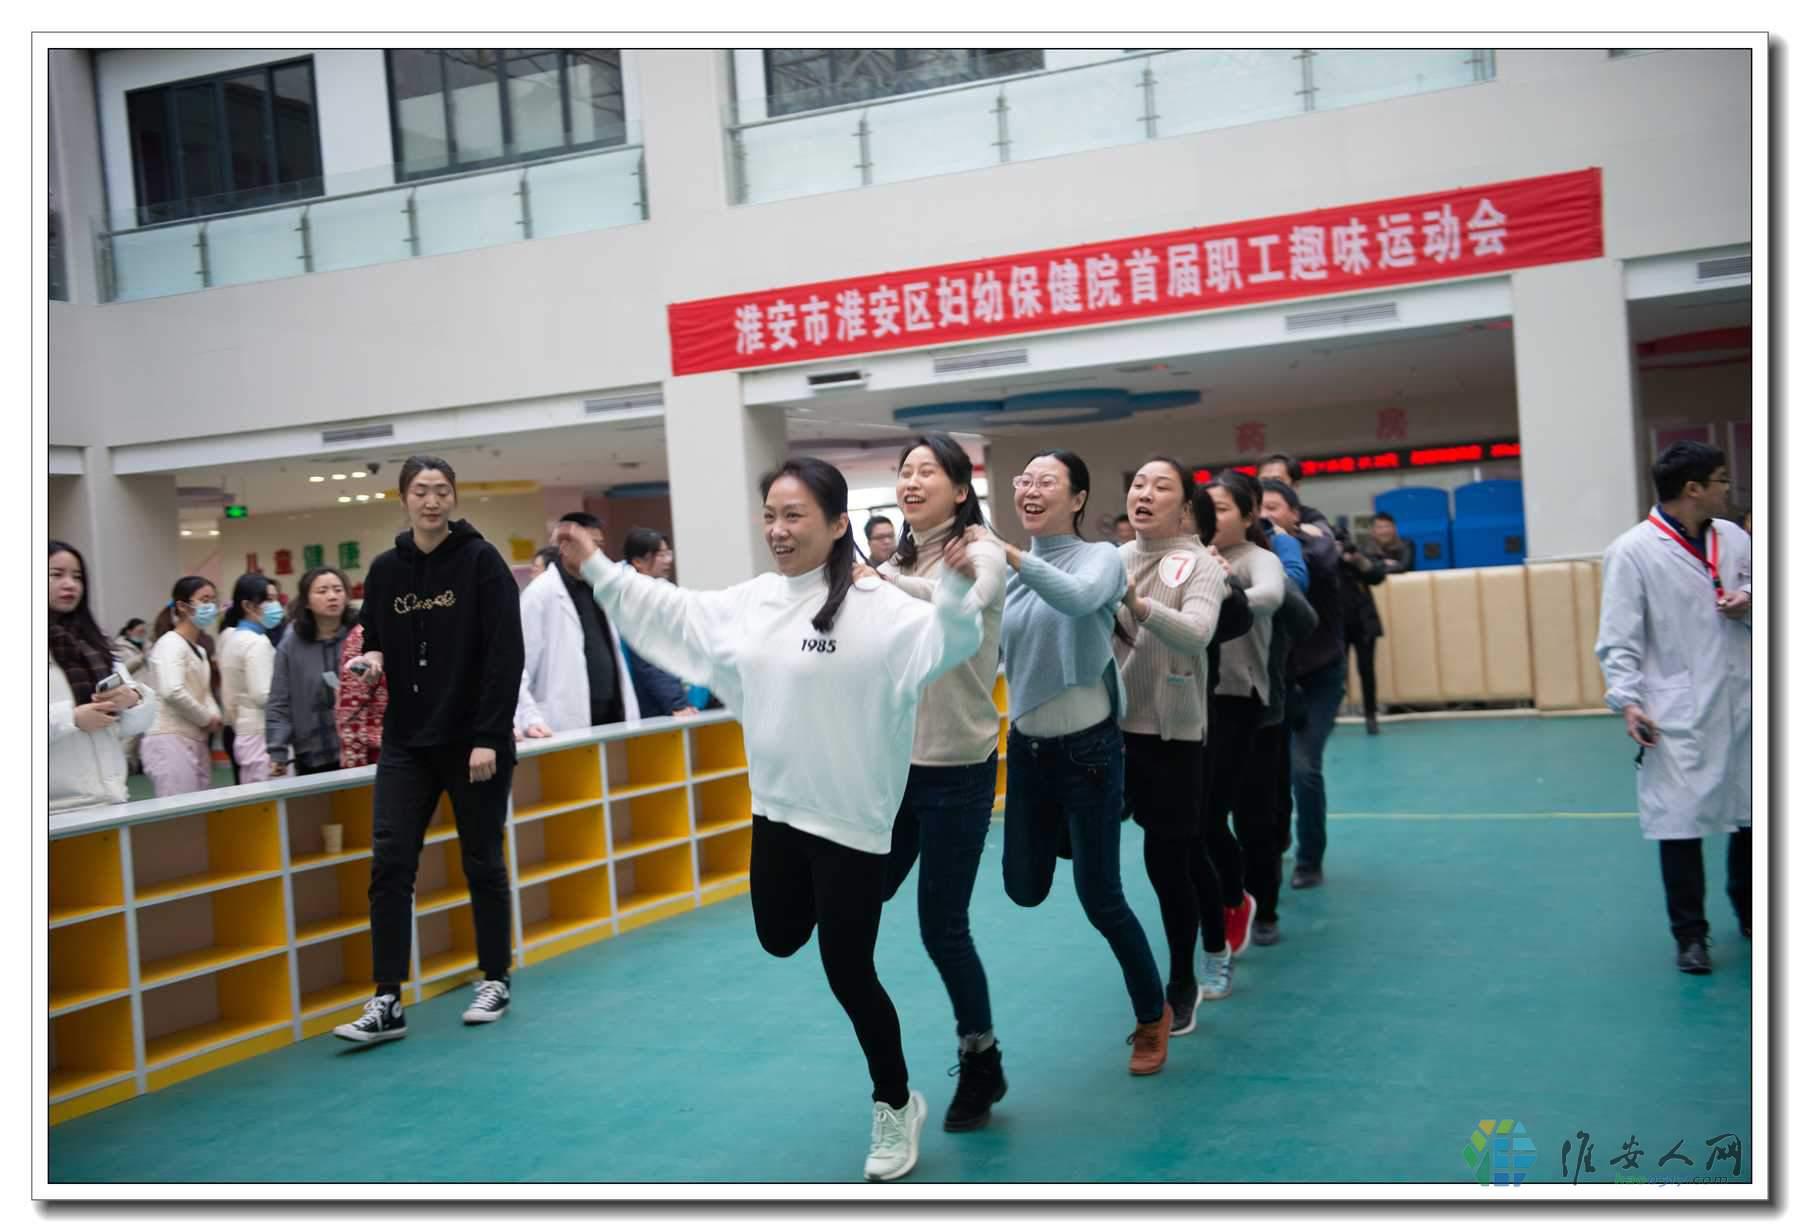 妇幼保健院职工运动会-3793.jpg